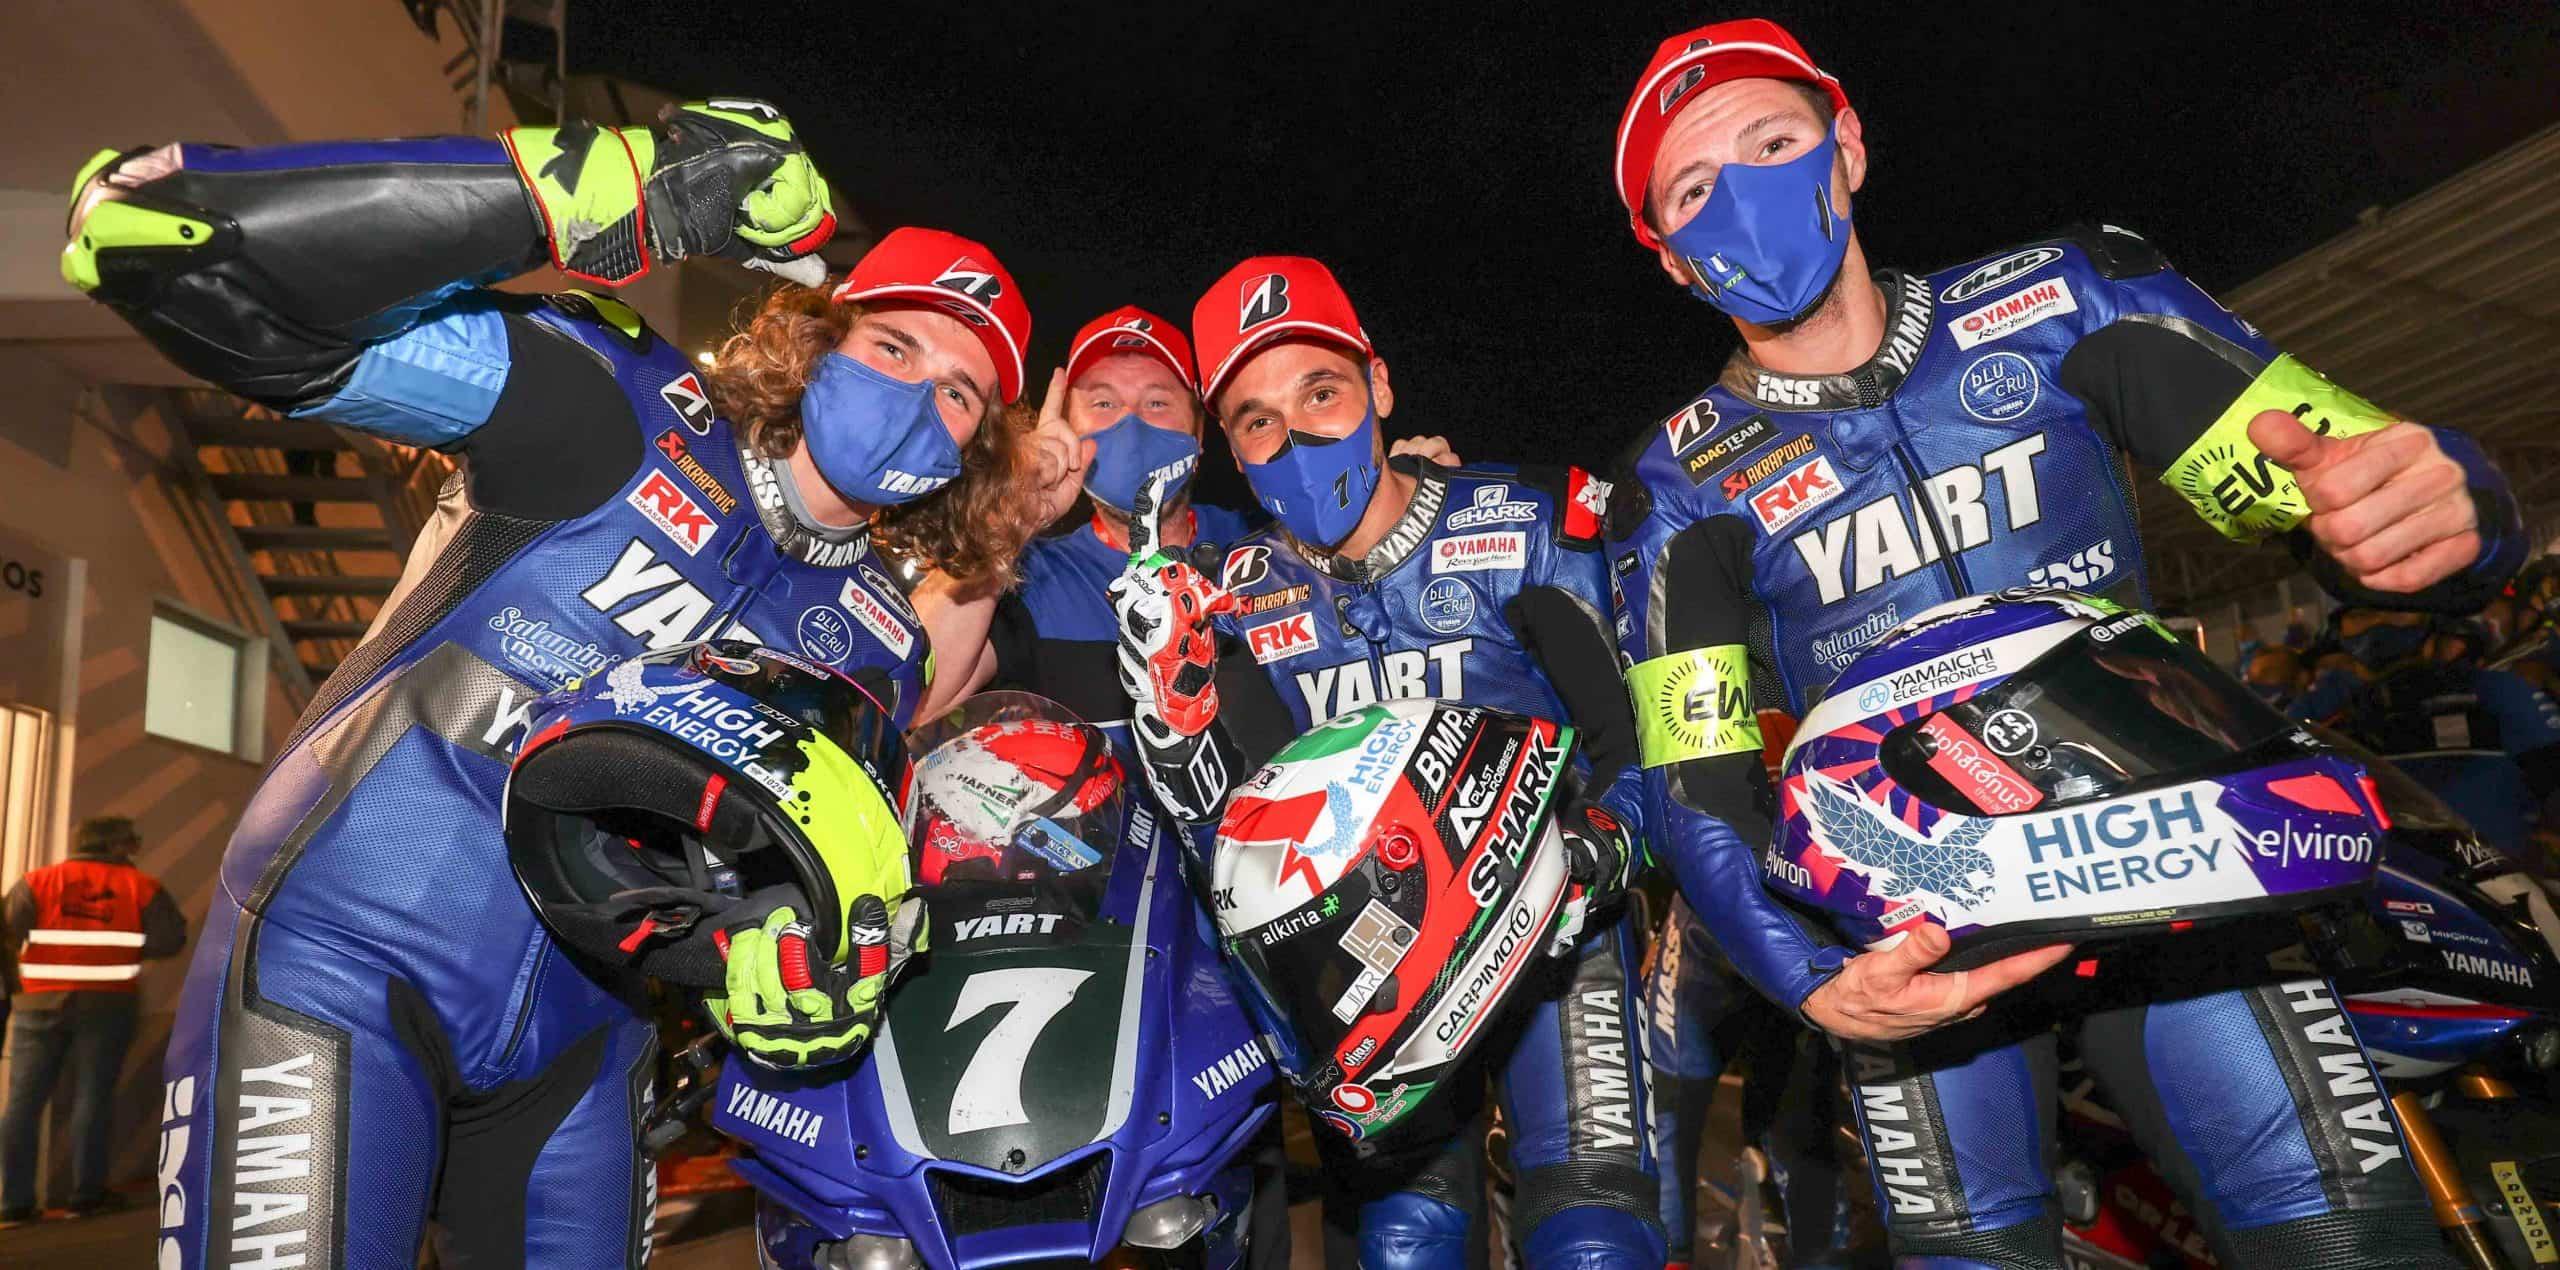 世界耐久選手権(EWC) エストリル12時間耐久ロードレース YART Yamahaが優勝